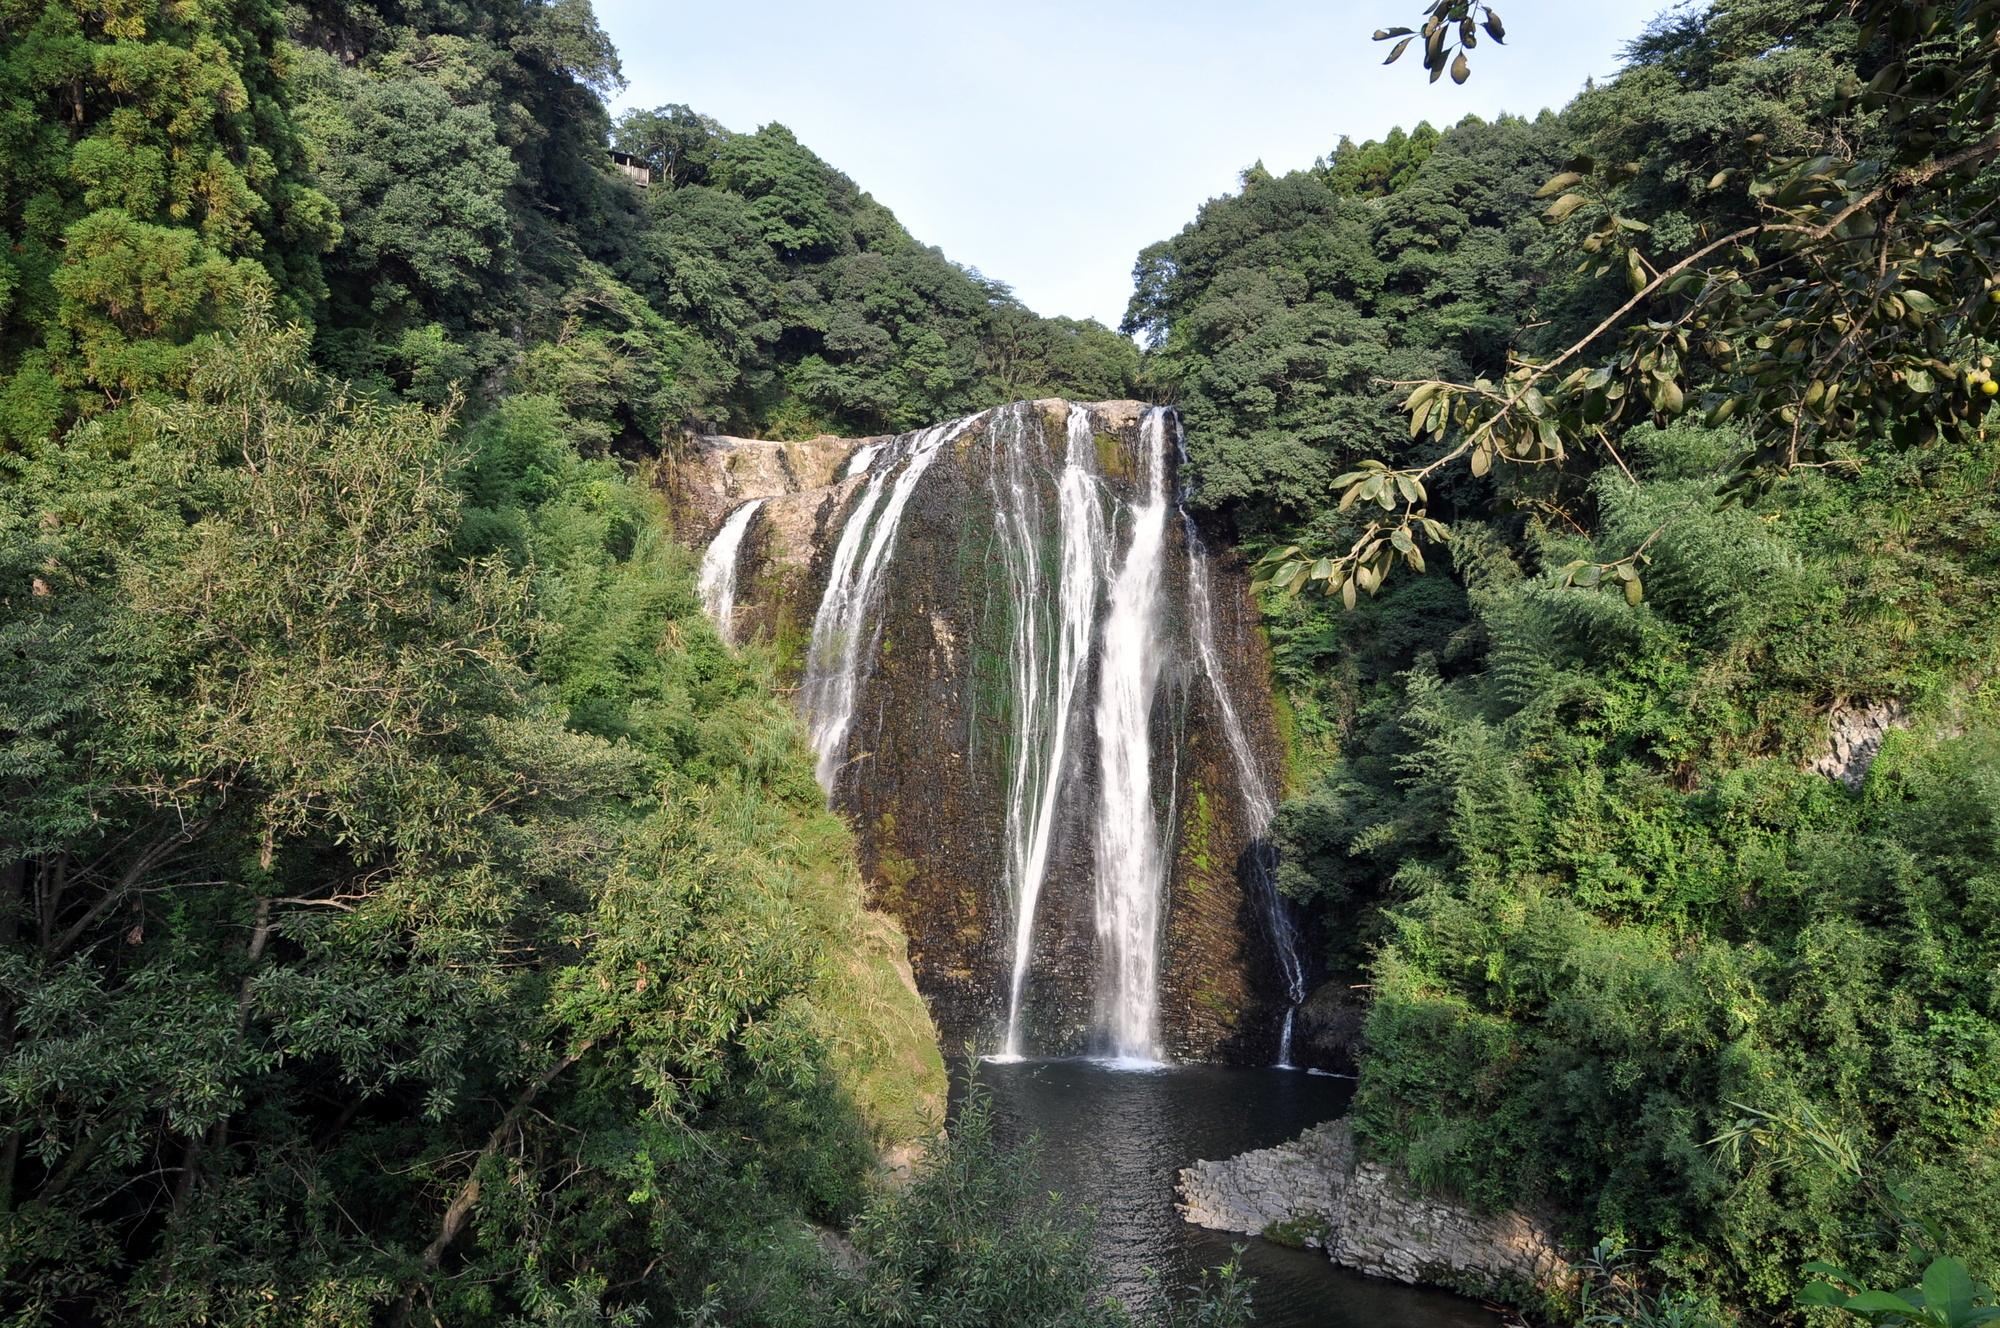 龍門滝(りゅうもんだき)